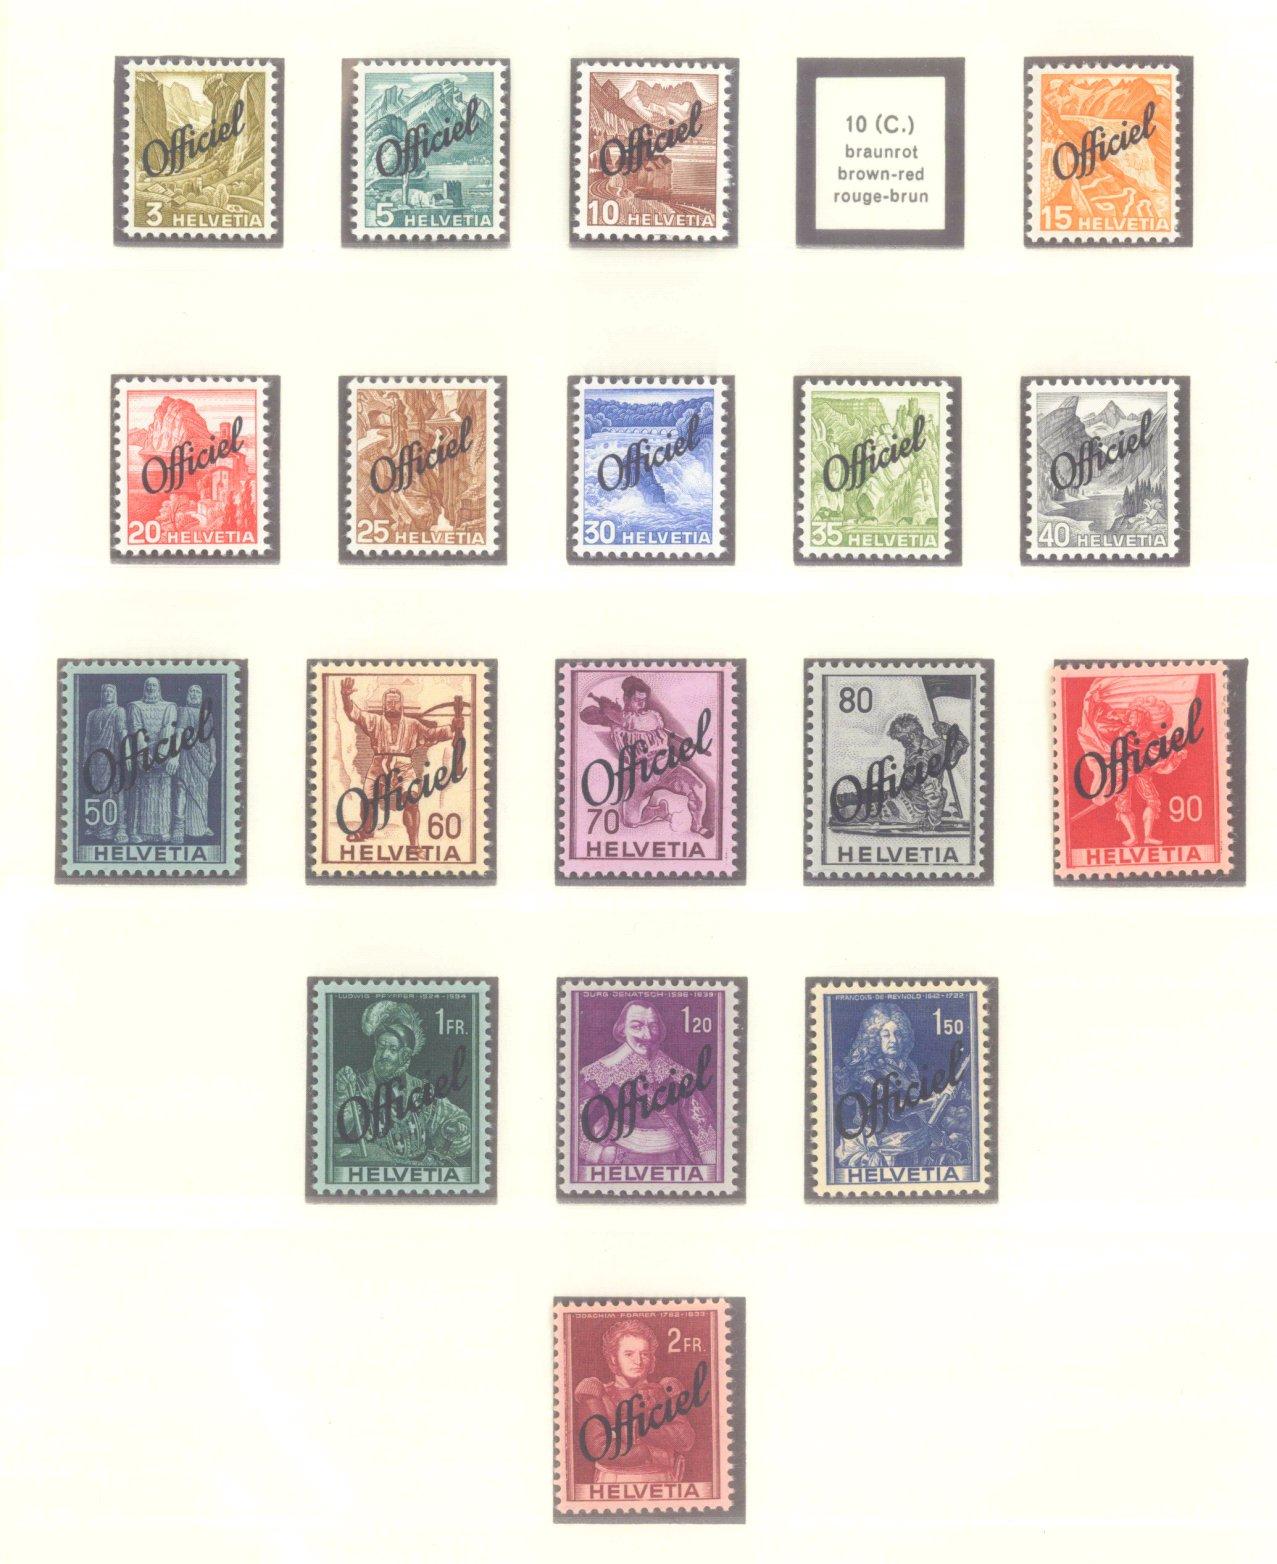 SCHWEIZ 1881-1962, Dienst, Porto, Telegrafen, KW 315 Euro